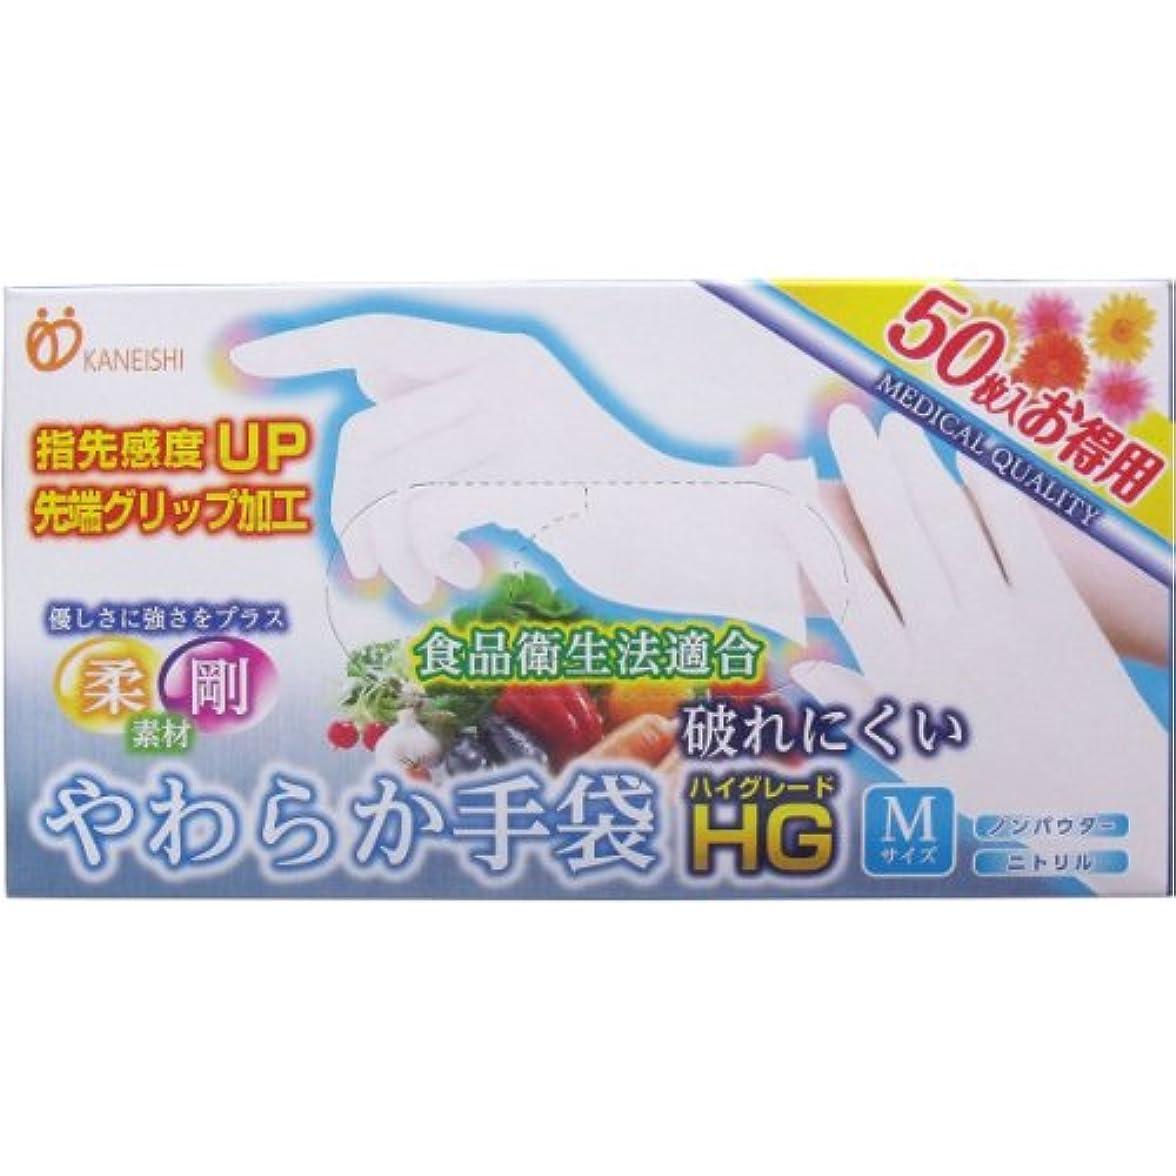 傑作クリップトーク[12月23日まで特価]やわらか手袋HG(ハイグレード) 二トリル手袋 パウダーフリー Mサイズ 50枚入×10個セット